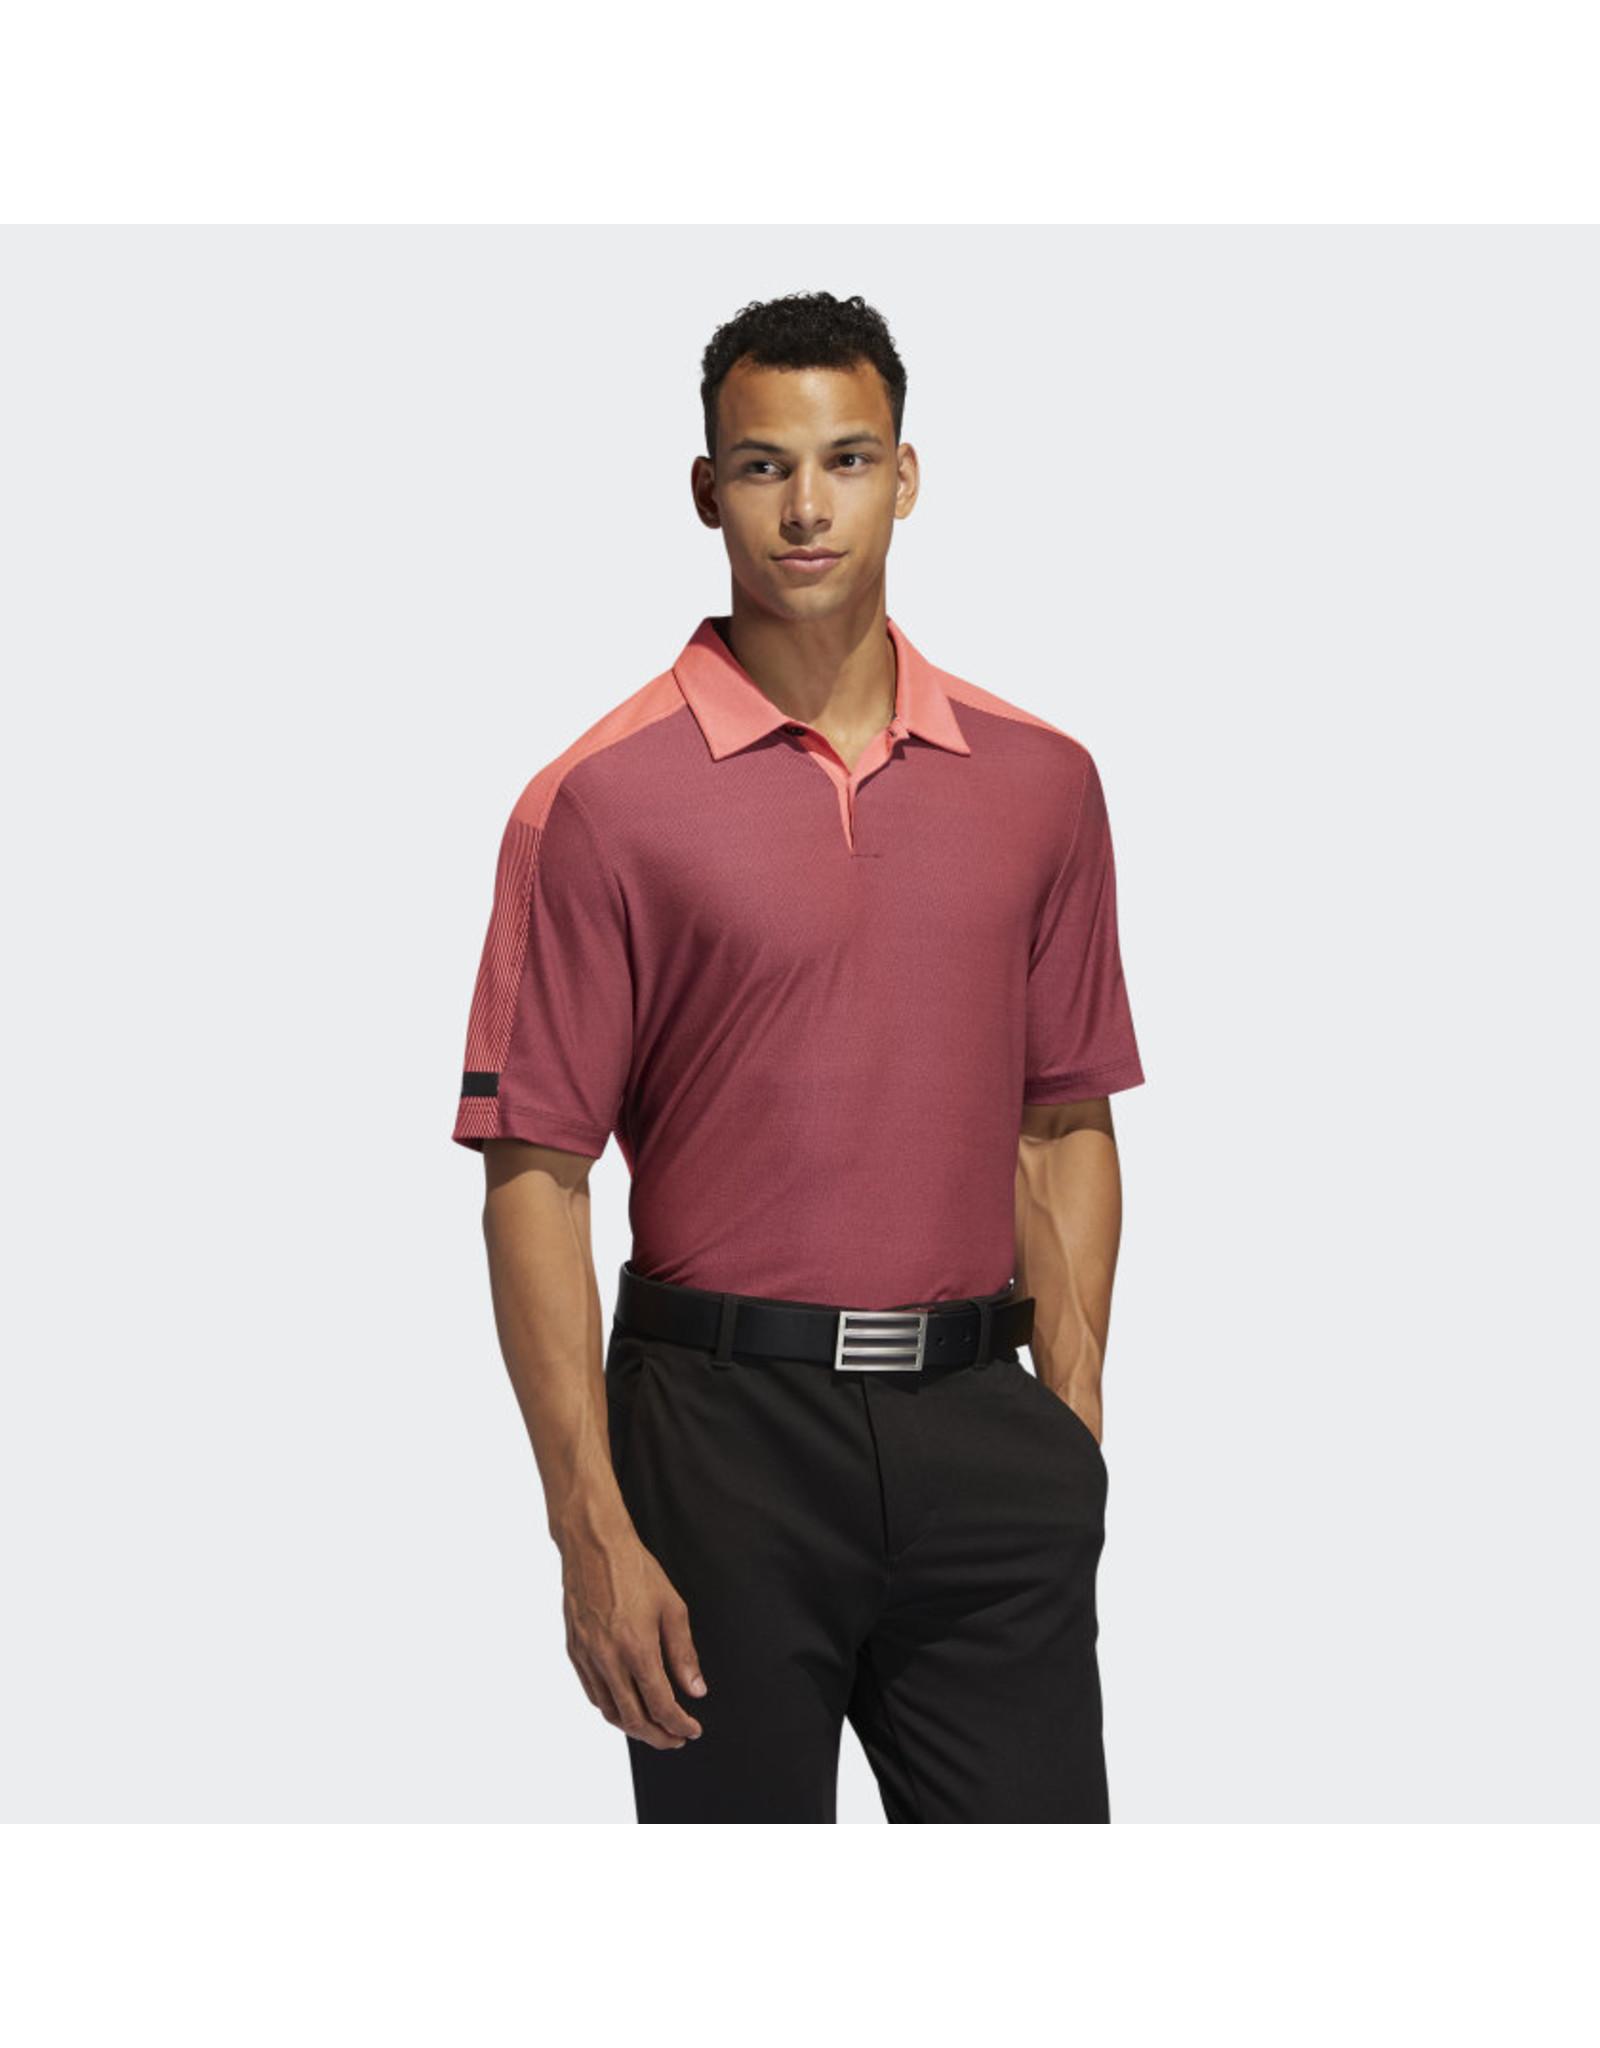 Adidas Shirt Adi Sport Aero